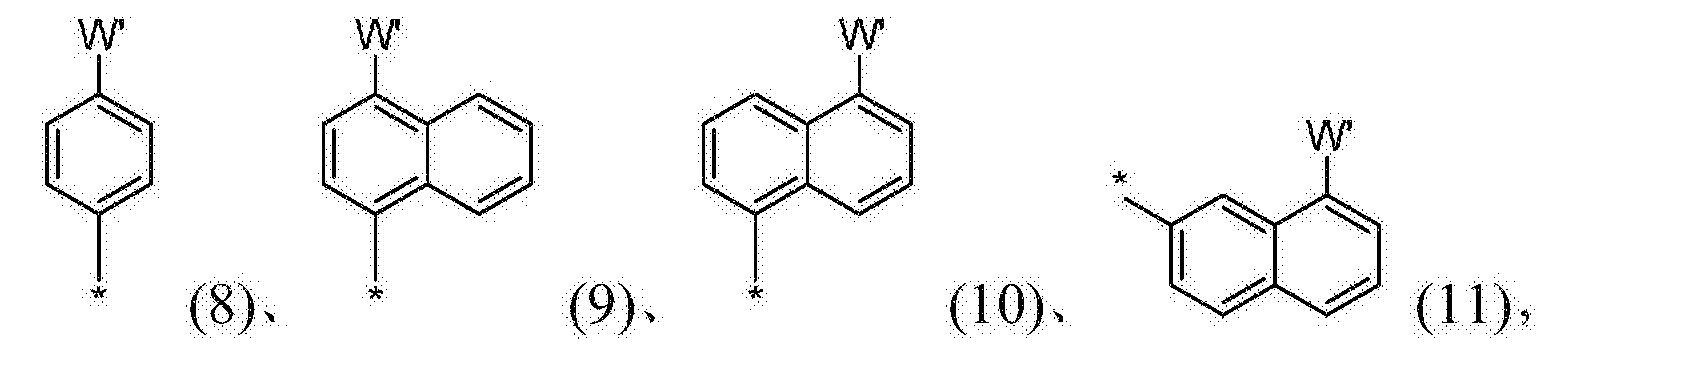 Figure CN105636998BD00143